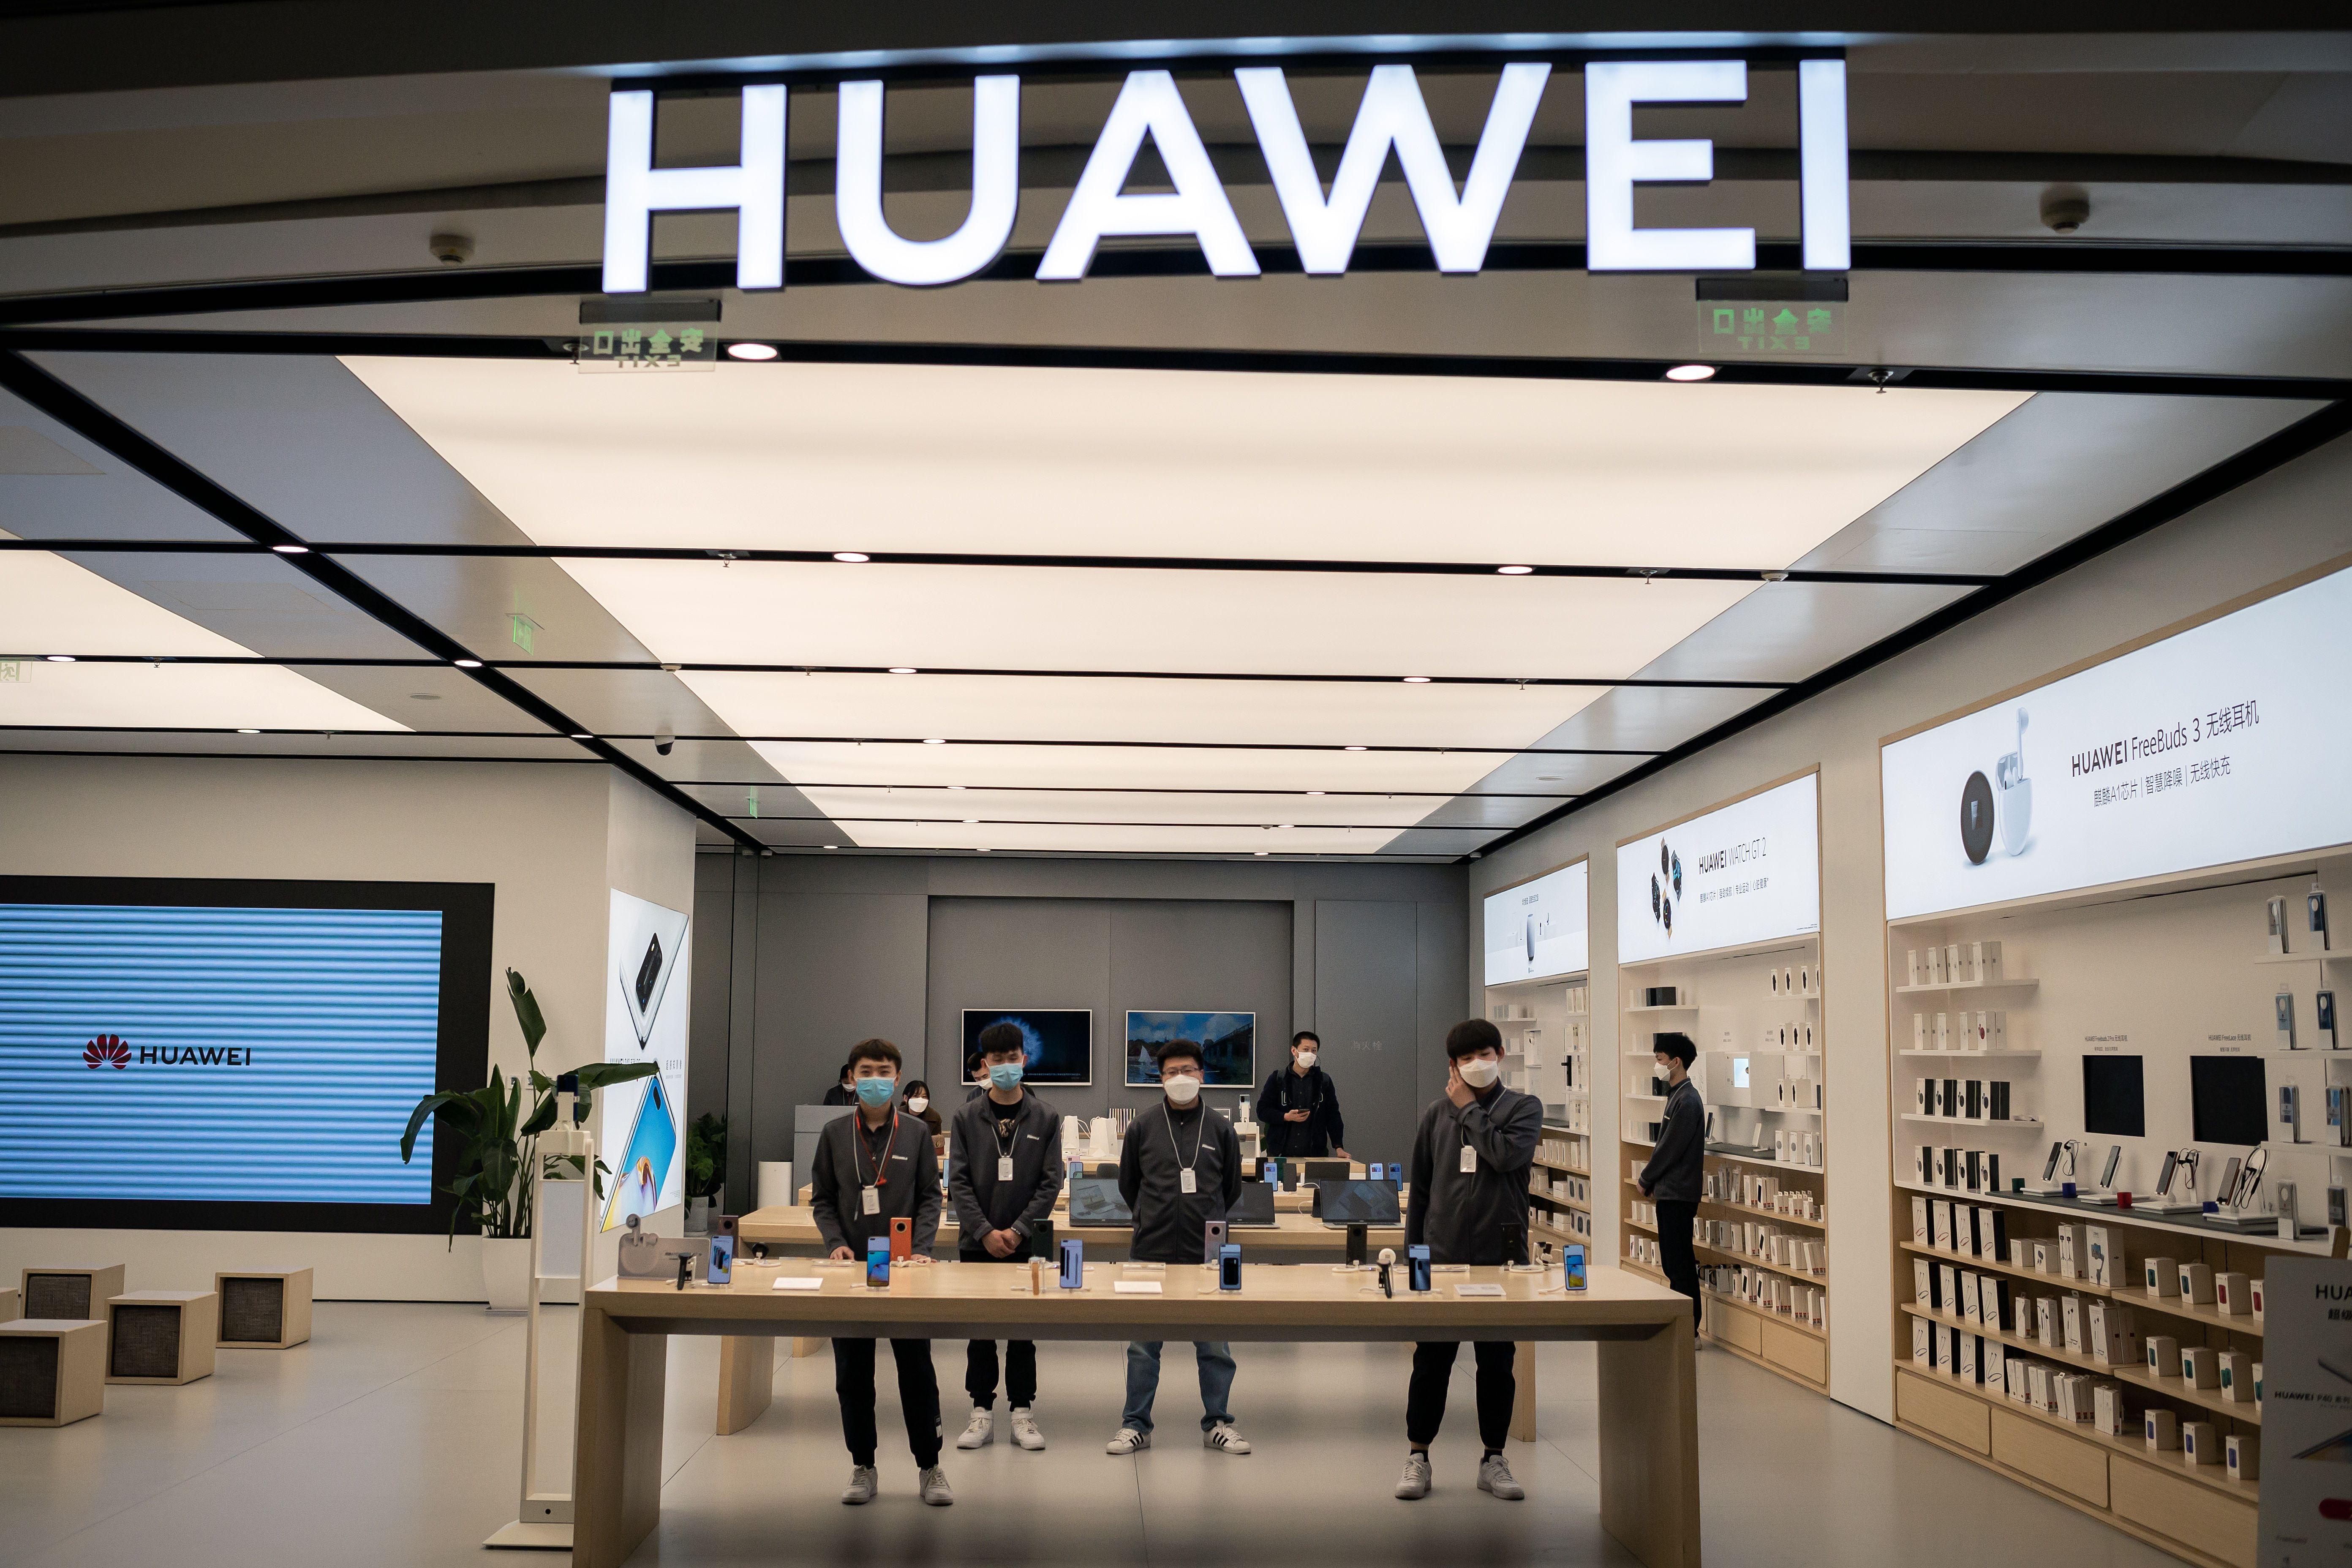 美國商務部花1年的時間研擬新規定,影響將擴及整個半導體供應鏈,預期華為將難以找到合作廠商。(NICOLAS ASFOURI/AFP via Getty Images)